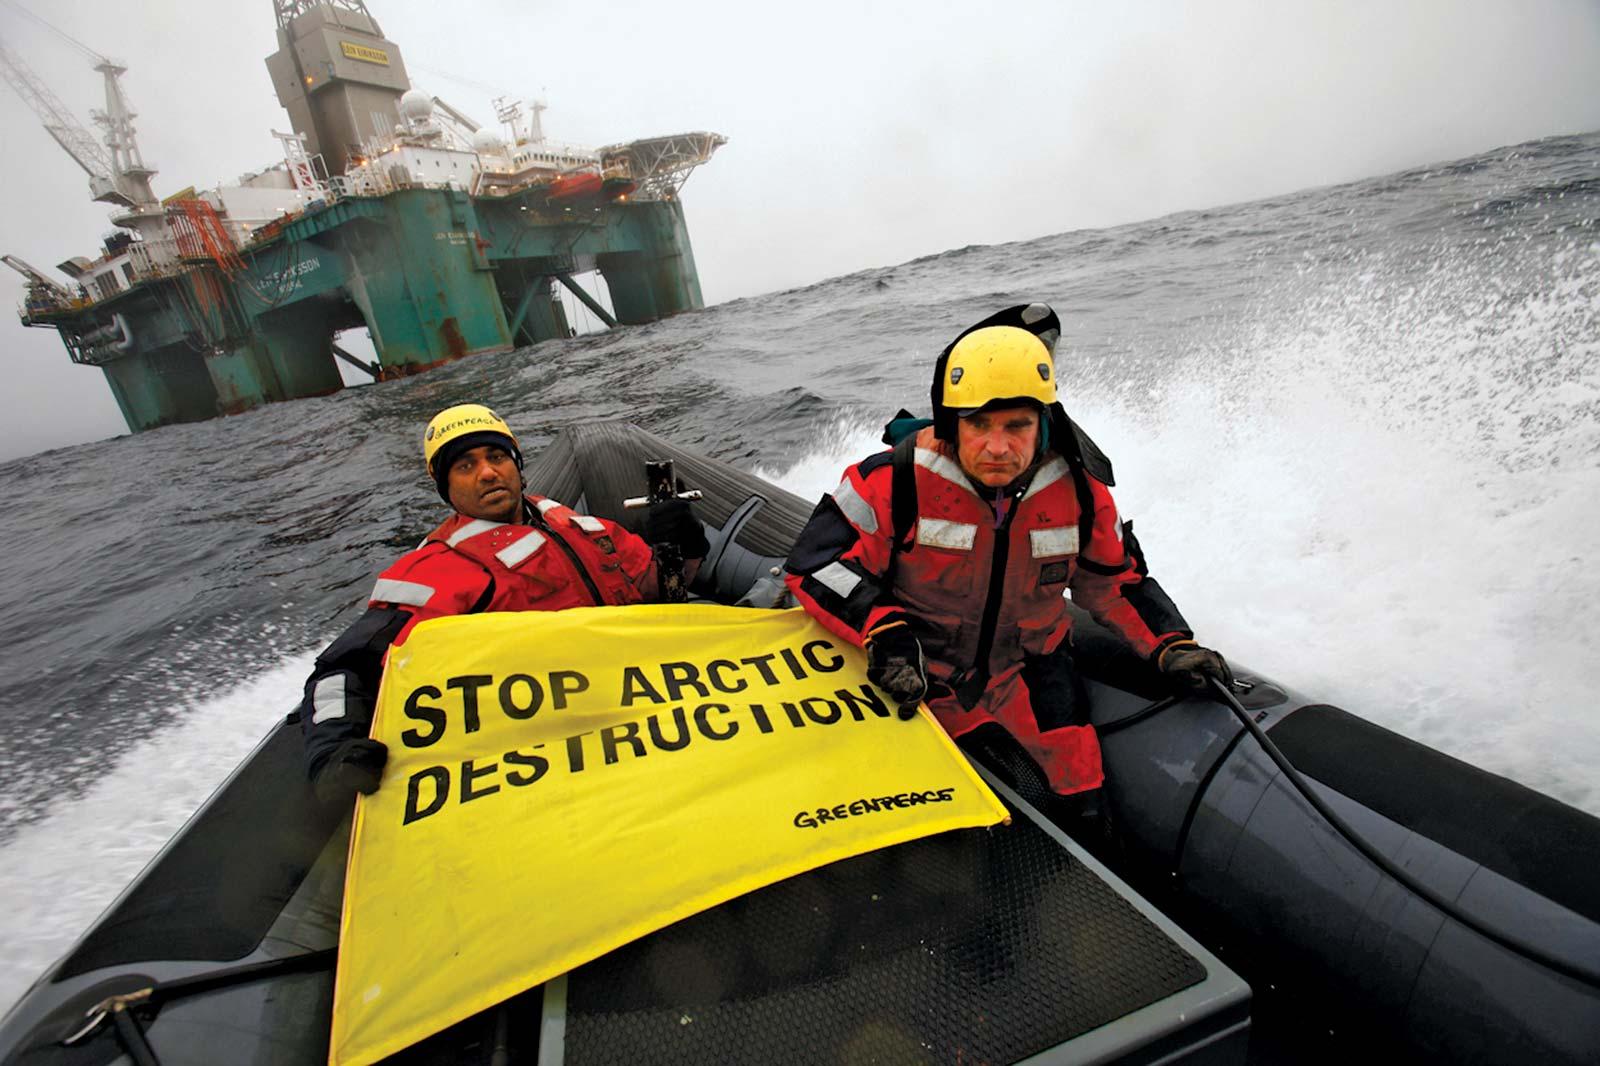 Jiri Rezac—Greenpeace International/AP